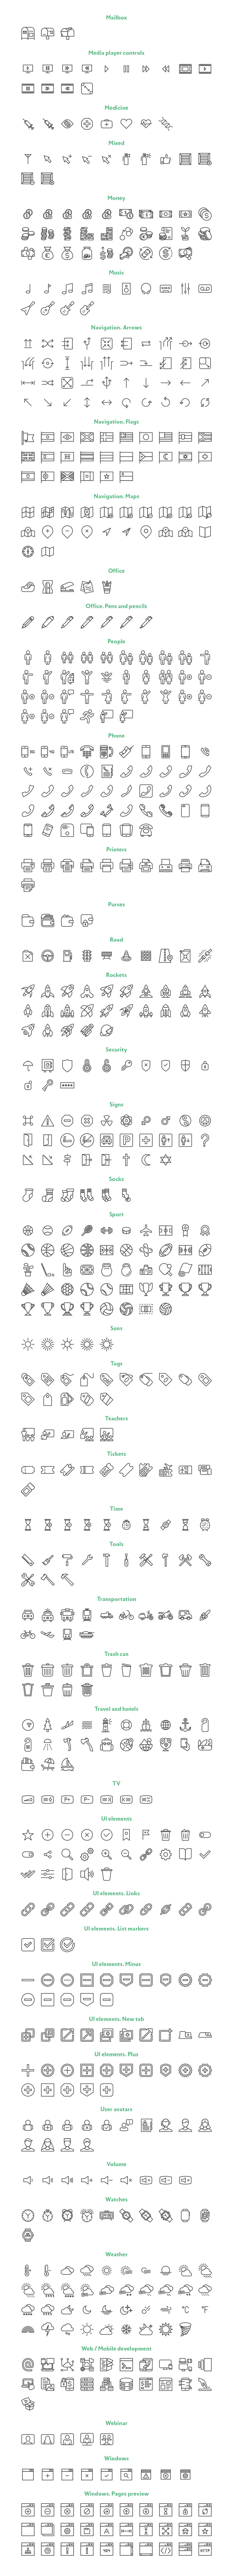 Simple bundle icons preview  cm  1160x12850px part 02